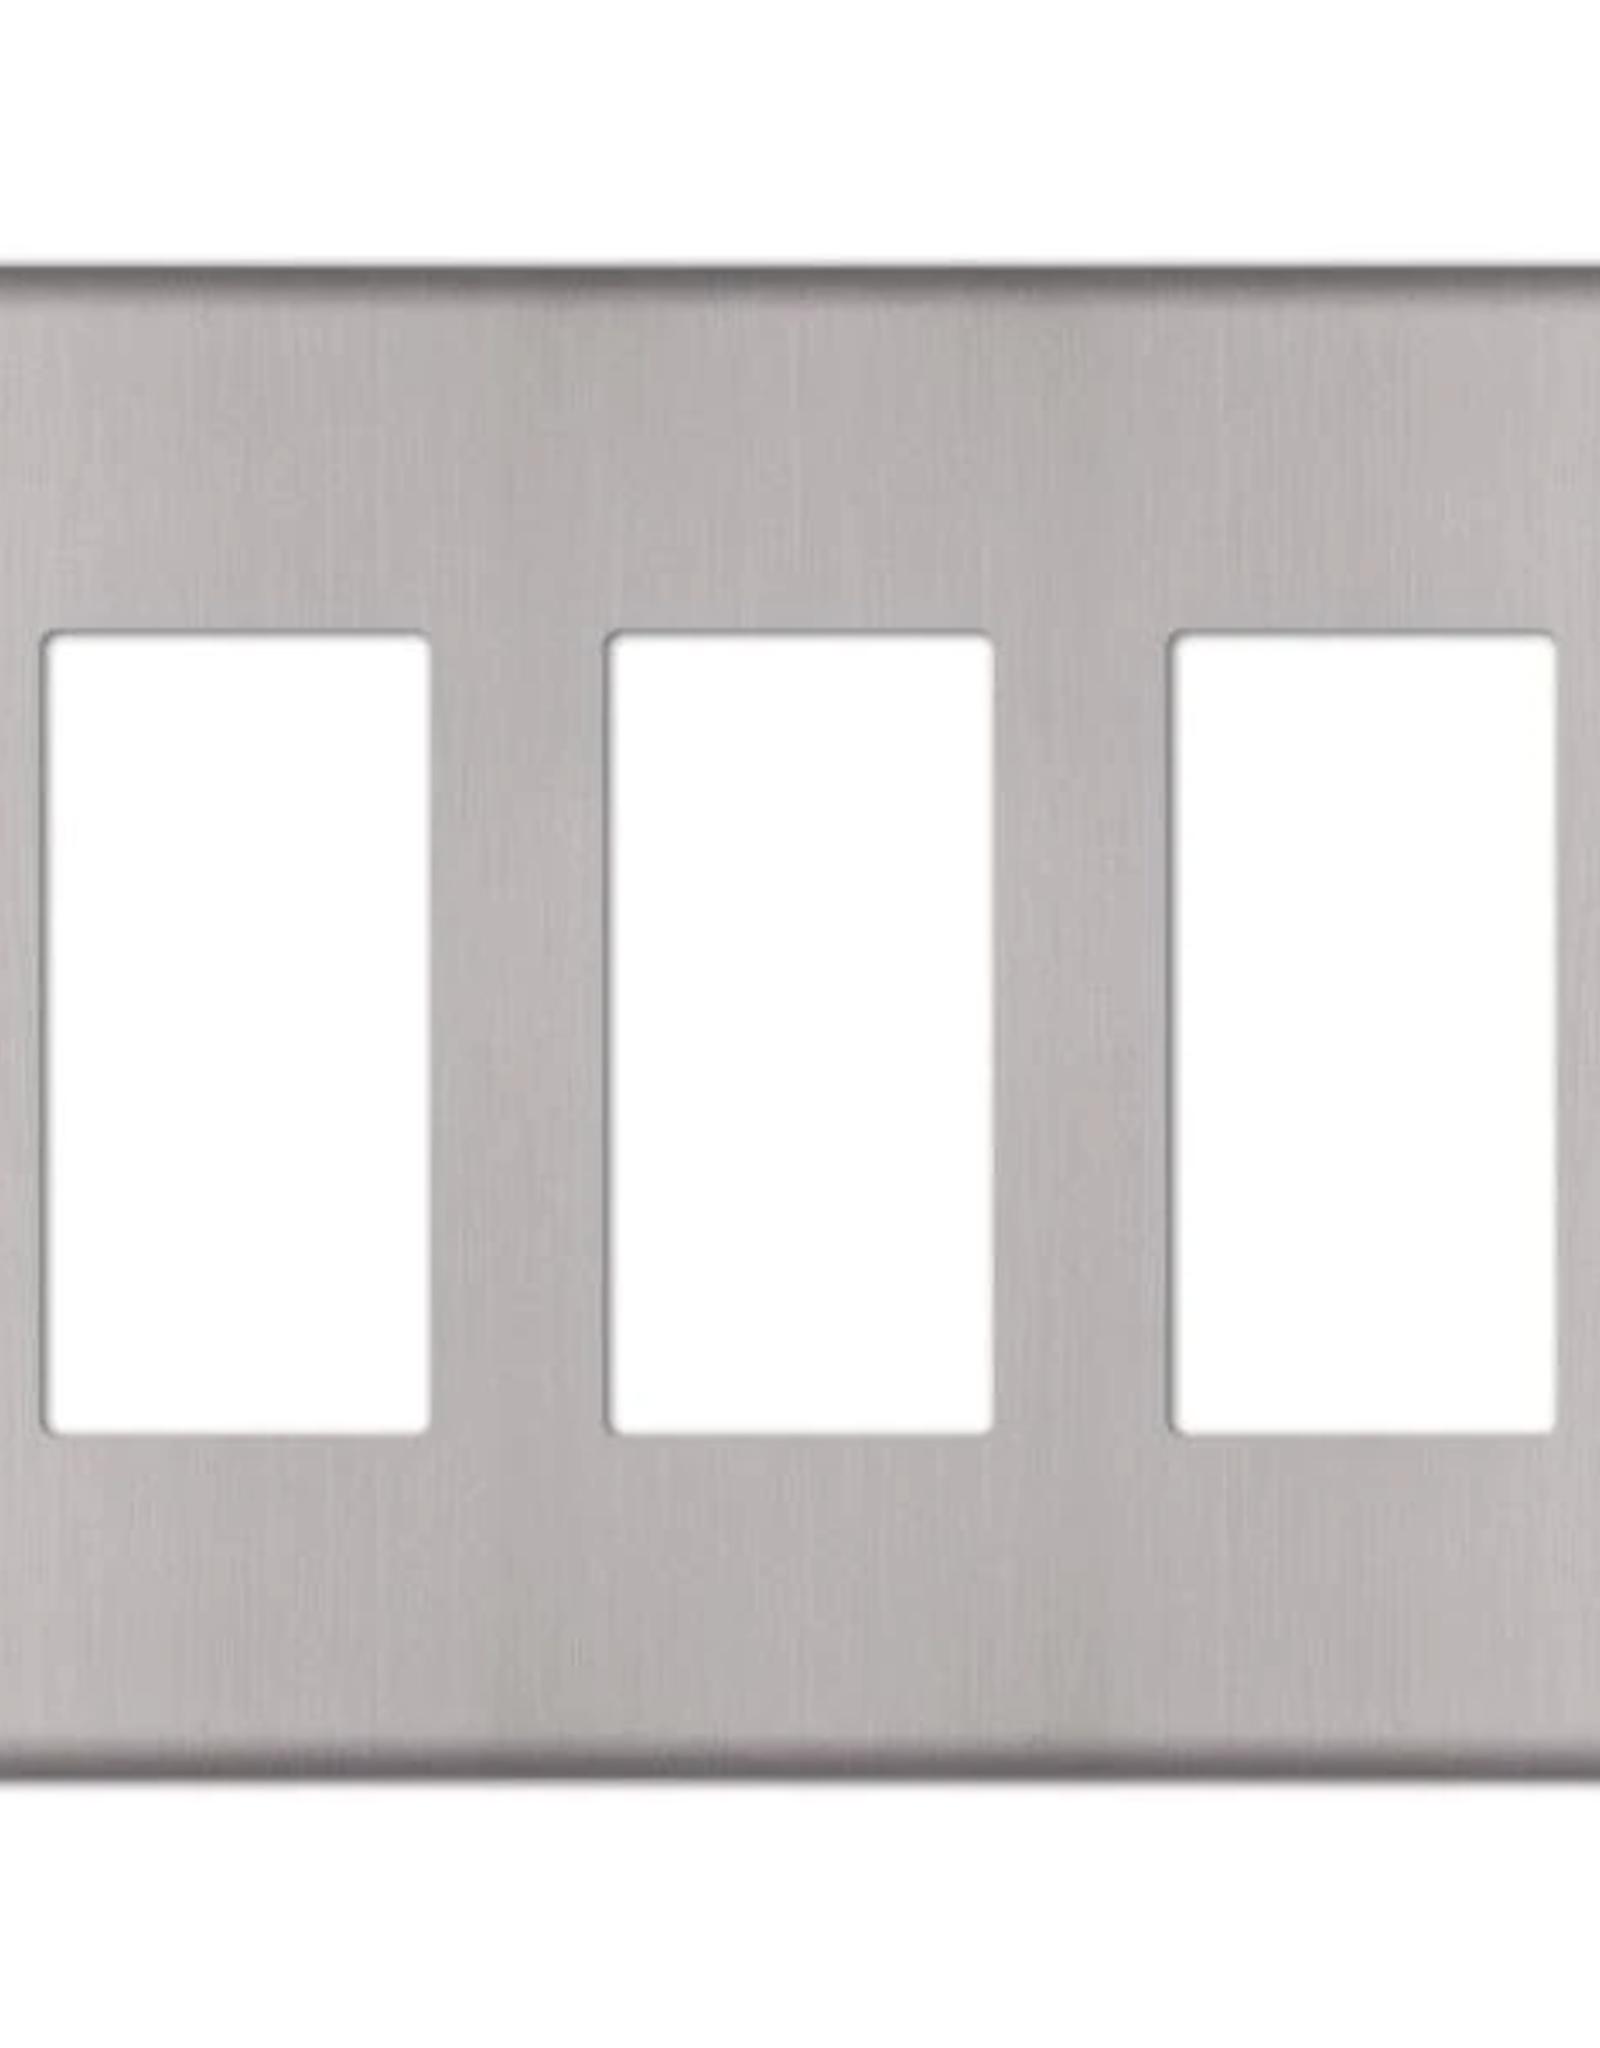 Amerelle Kentley 3 Gang Rocker Steel Wall Plate - Brushed Nickel